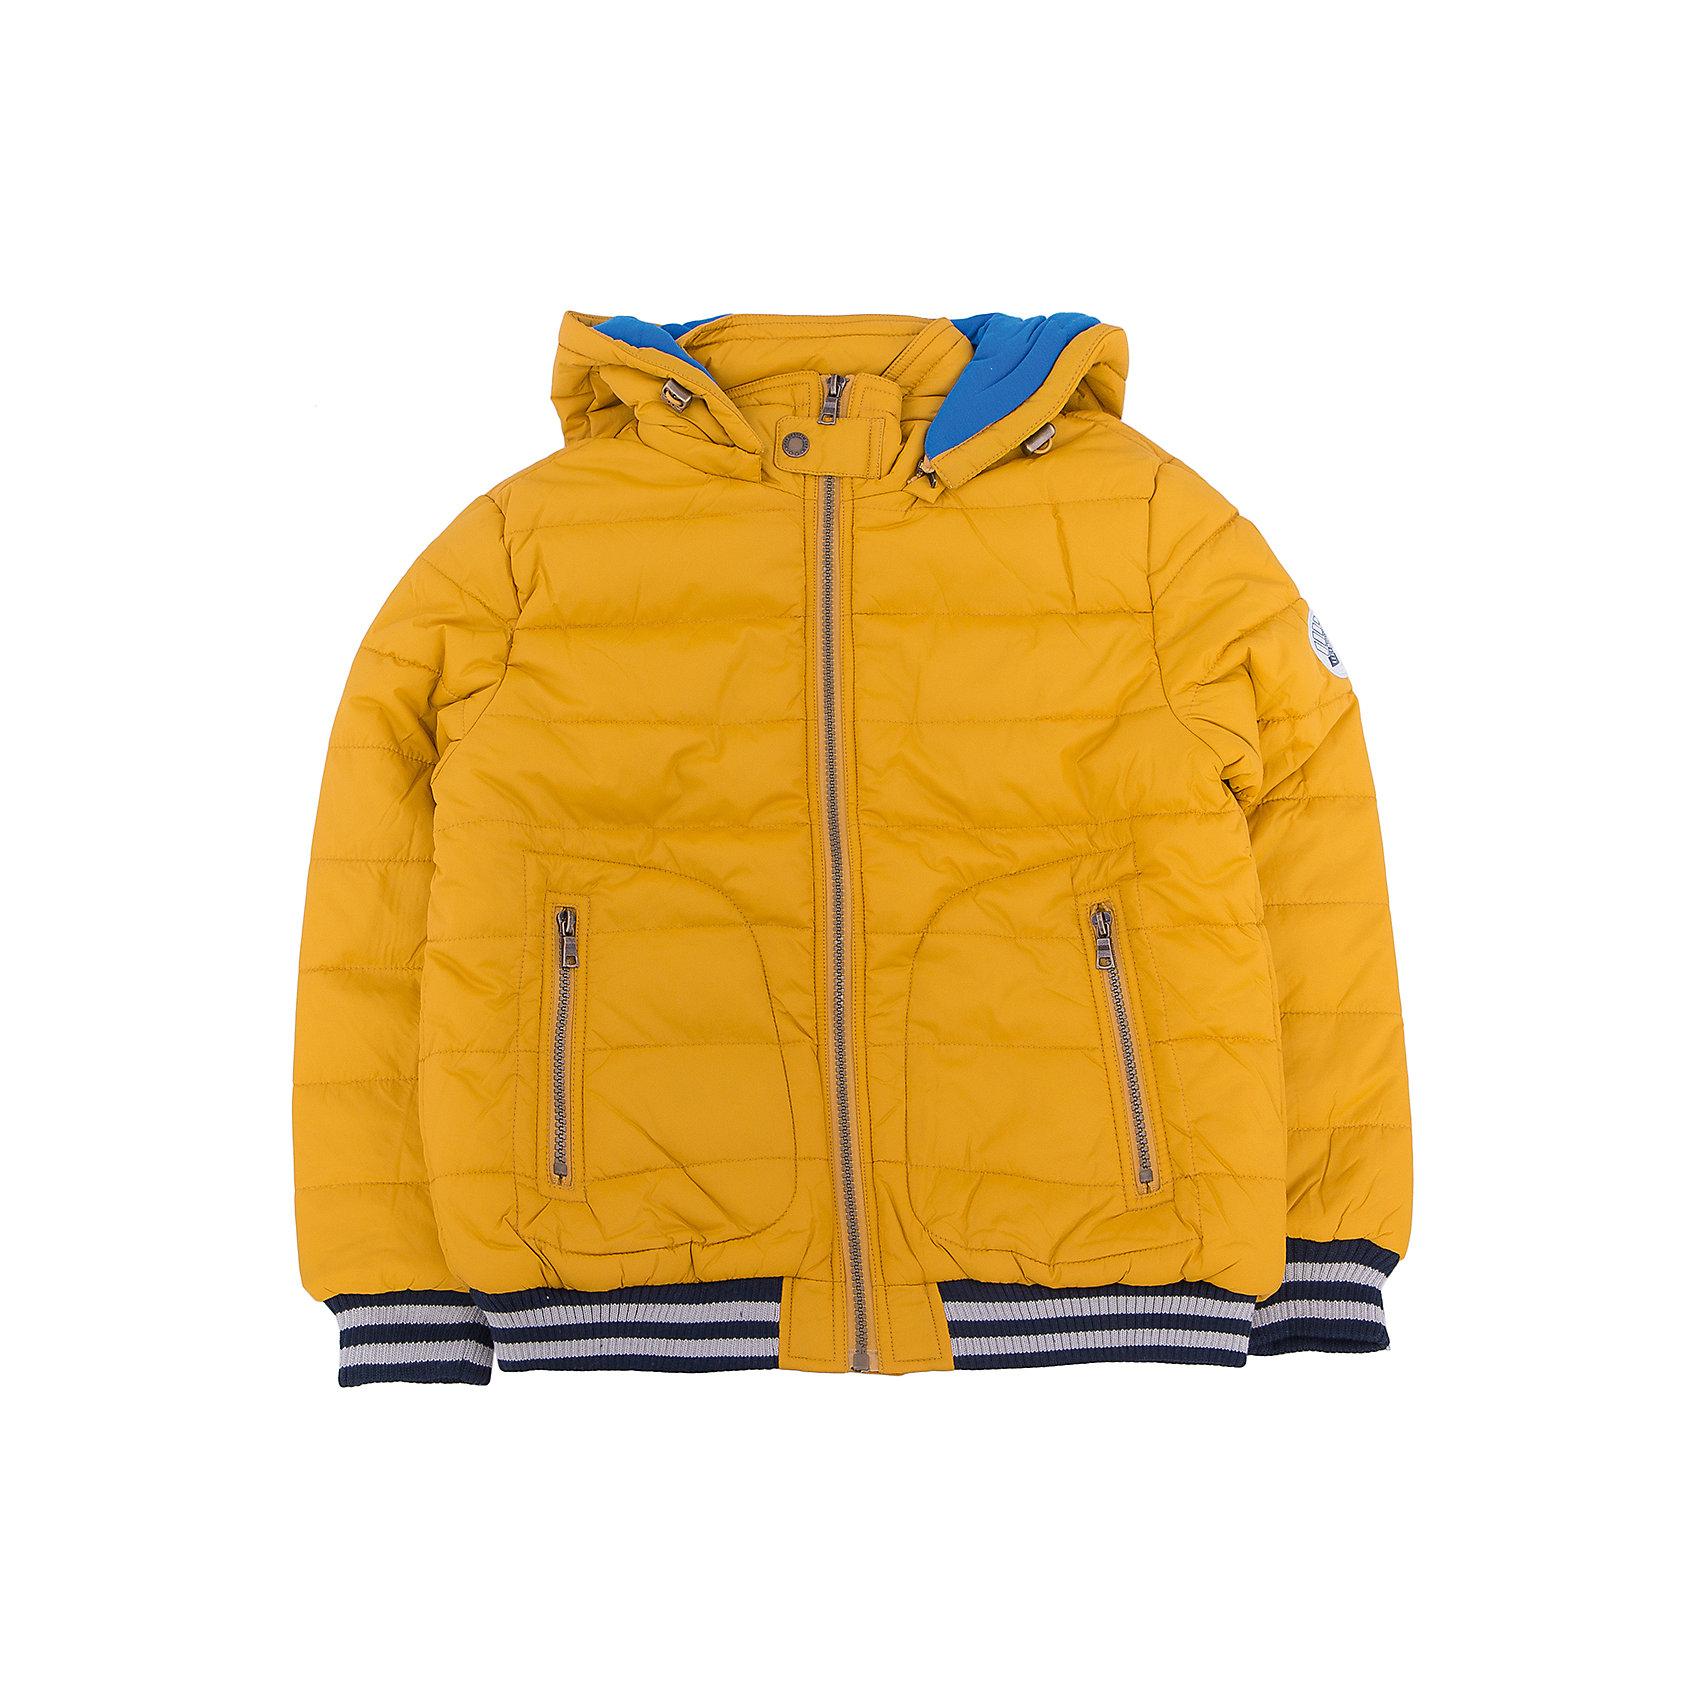 Куртка для мальчика SELAВерхняя одежда<br>Детская одежда от SELA - это качество и отличные цены. Куртка для мальчика из новой коллекции сделает образ ребенка стильным и не позволит замерзнуть осенью. Яркие цвета модели не теряют сочность со временем. Куртка застегивается на молнию, что понравится любому ребенку. <br>Модель имеет резинки на рукавах и на подоле, которые отлично защищают от ветра и придают «изюминку» изделию.<br>Все материалы, использованные в создании изделия,  отвечают современным требованиям по качеству и безопасности продукции. <br><br>Дополнительная информация:<br><br>цвет: Горчичный;<br>состав: 100% нейлон, подкладка - 65% хлопок, 35% ПЭ, утеплитель - 100% ПЭ;<br>длина до бедер;<br>силуэт прямой;<br>капюшон отстегивающийся.<br><br>Куртку для мальчика от компании SELA можно купить в нашем магазине.<br><br>Ширина мм: 356<br>Глубина мм: 10<br>Высота мм: 245<br>Вес г: 519<br>Цвет: желтый<br>Возраст от месяцев: 84<br>Возраст до месяцев: 96<br>Пол: Мужской<br>Возраст: Детский<br>Размер: 128,116,152,140<br>SKU: 4912984